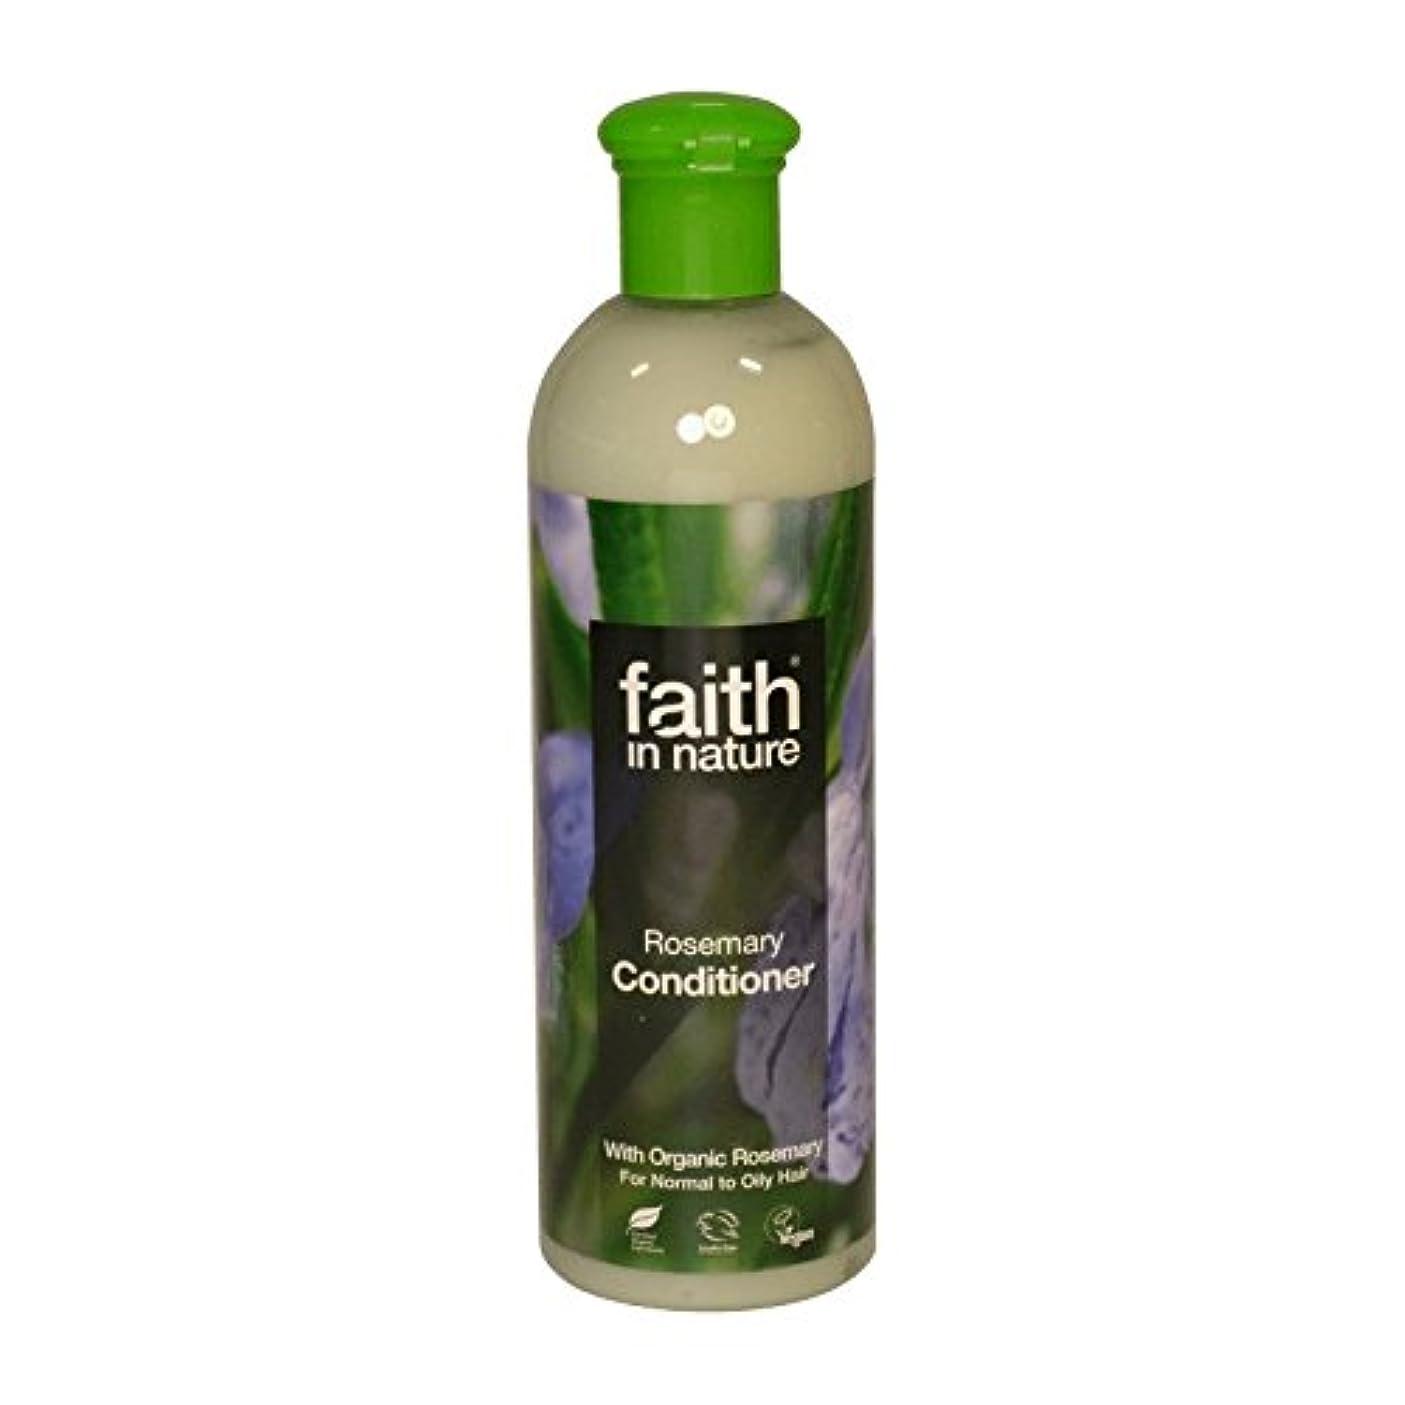 南付添人見ましたFaith in Nature Rosemary Conditioner 400ml (Pack of 2) - 自然ローズマリーコンディショナー400ミリリットルの信仰 (x2) [並行輸入品]